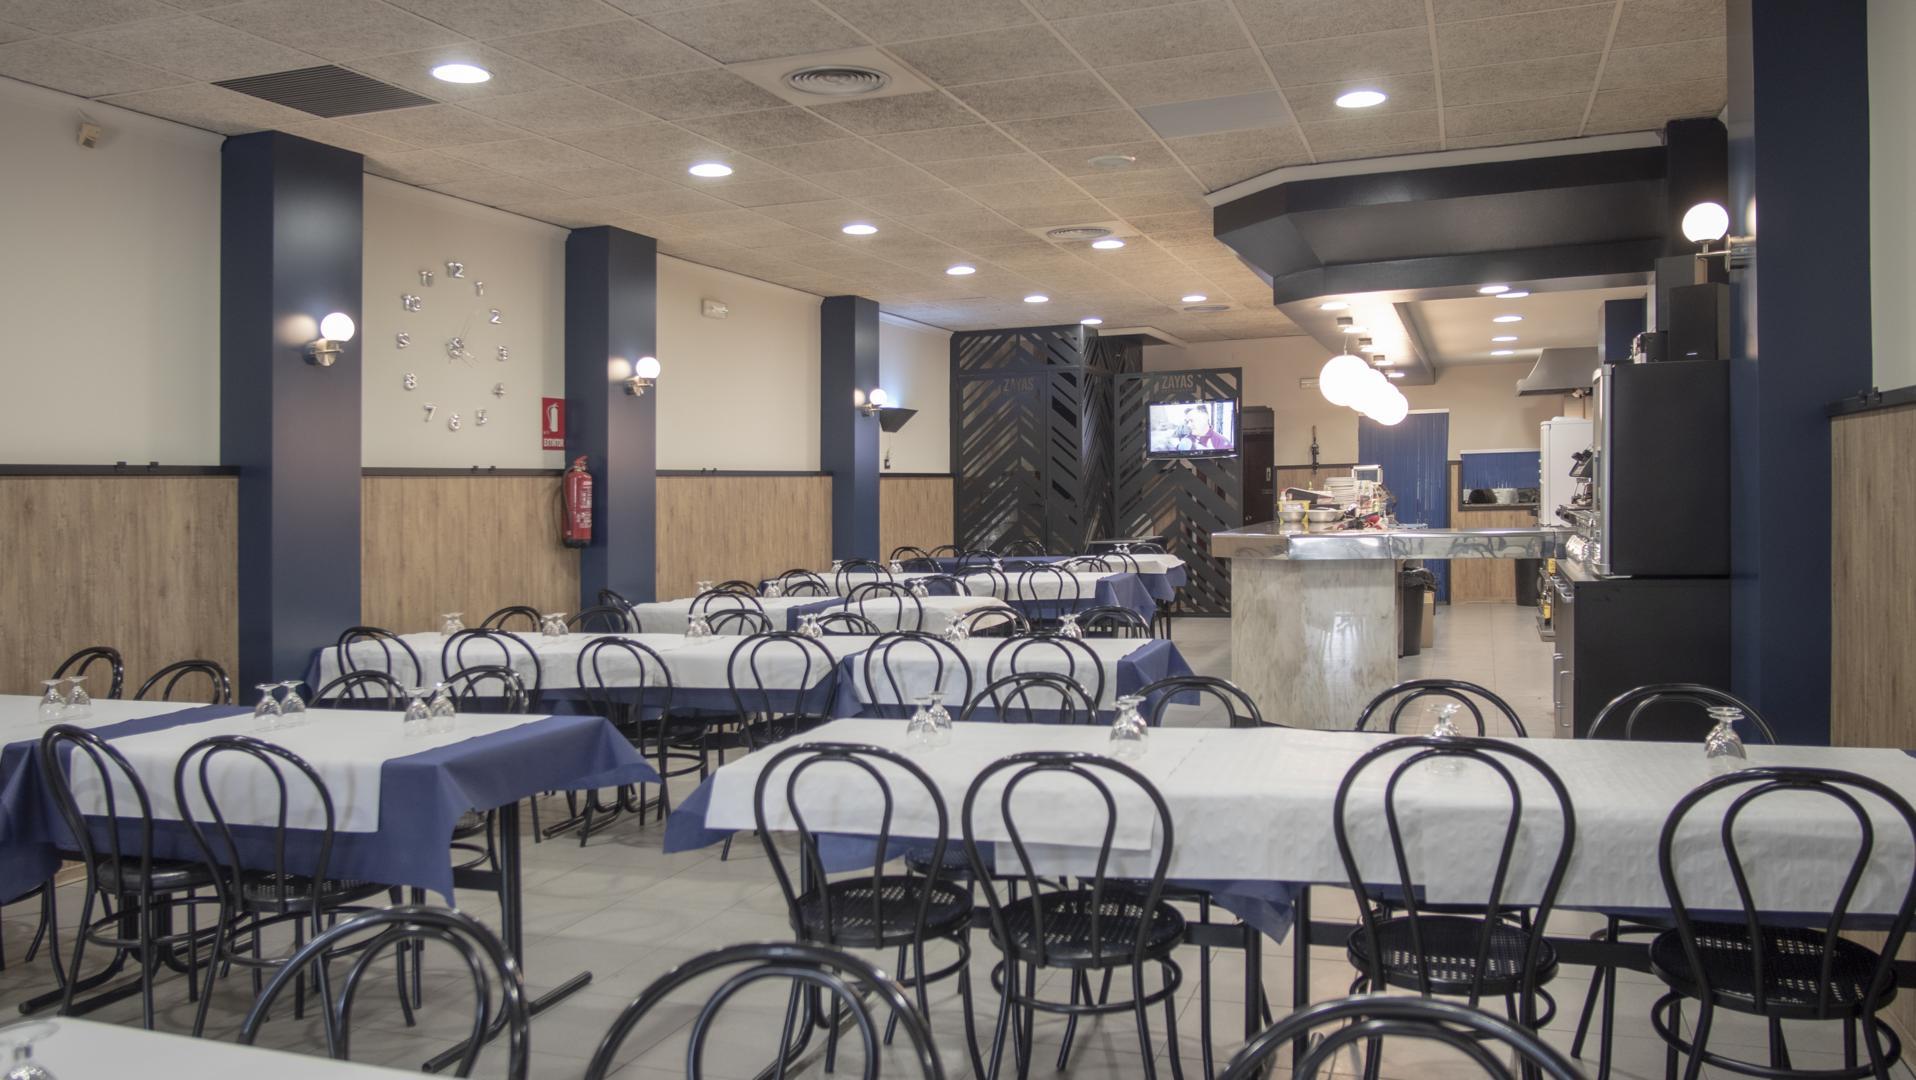 P1040633 1916x1080 - Reforma Restaurante ZAYAS - La Vilavella